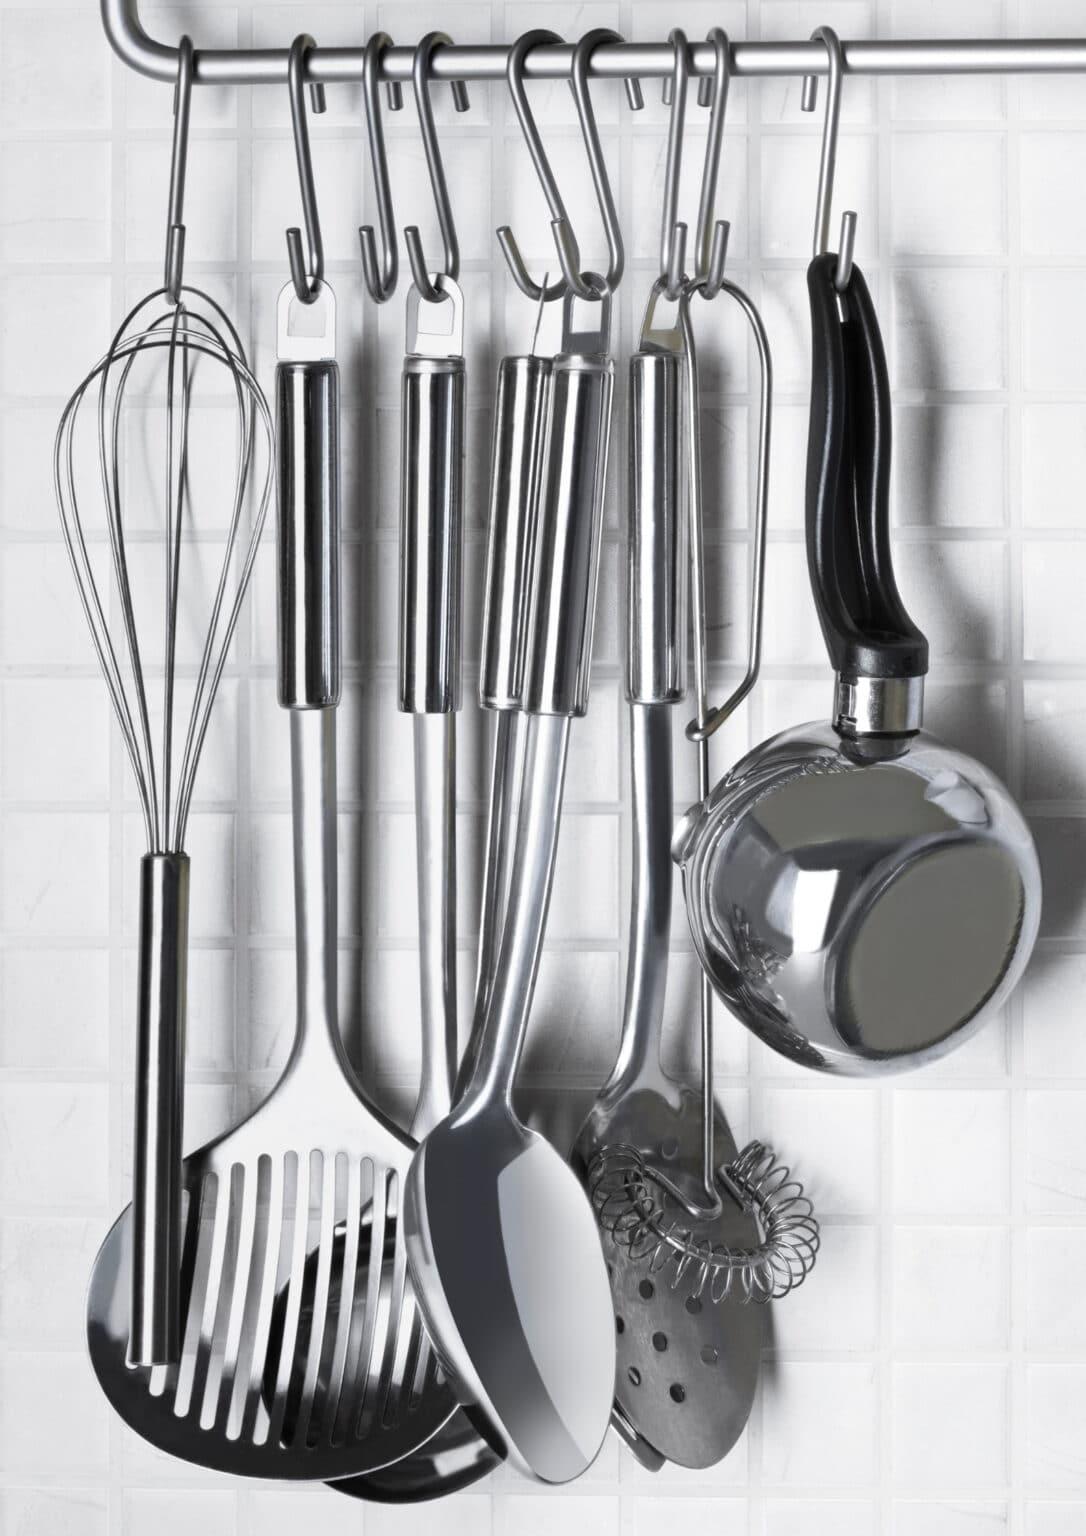 classic kitchen utensil set